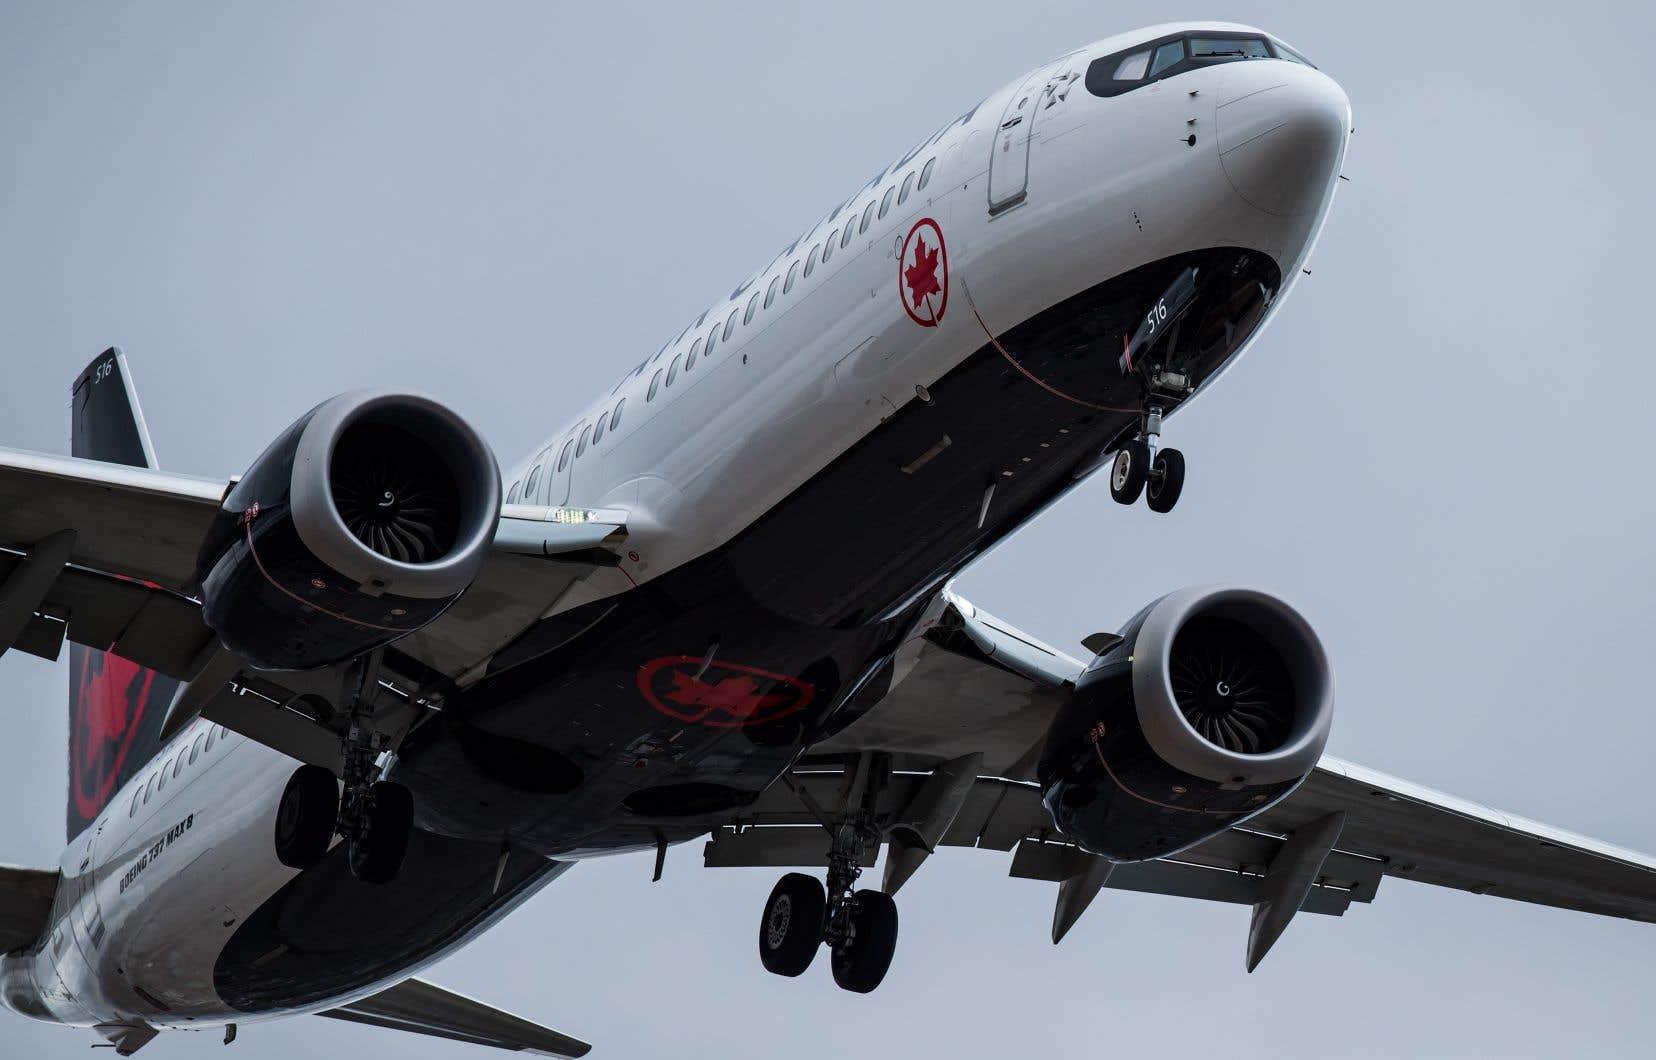 La FAA, qui doit donner ou non son feu vert à la remise en service du 737 MAX, assure «continuer à suivre un processus de certification robuste».